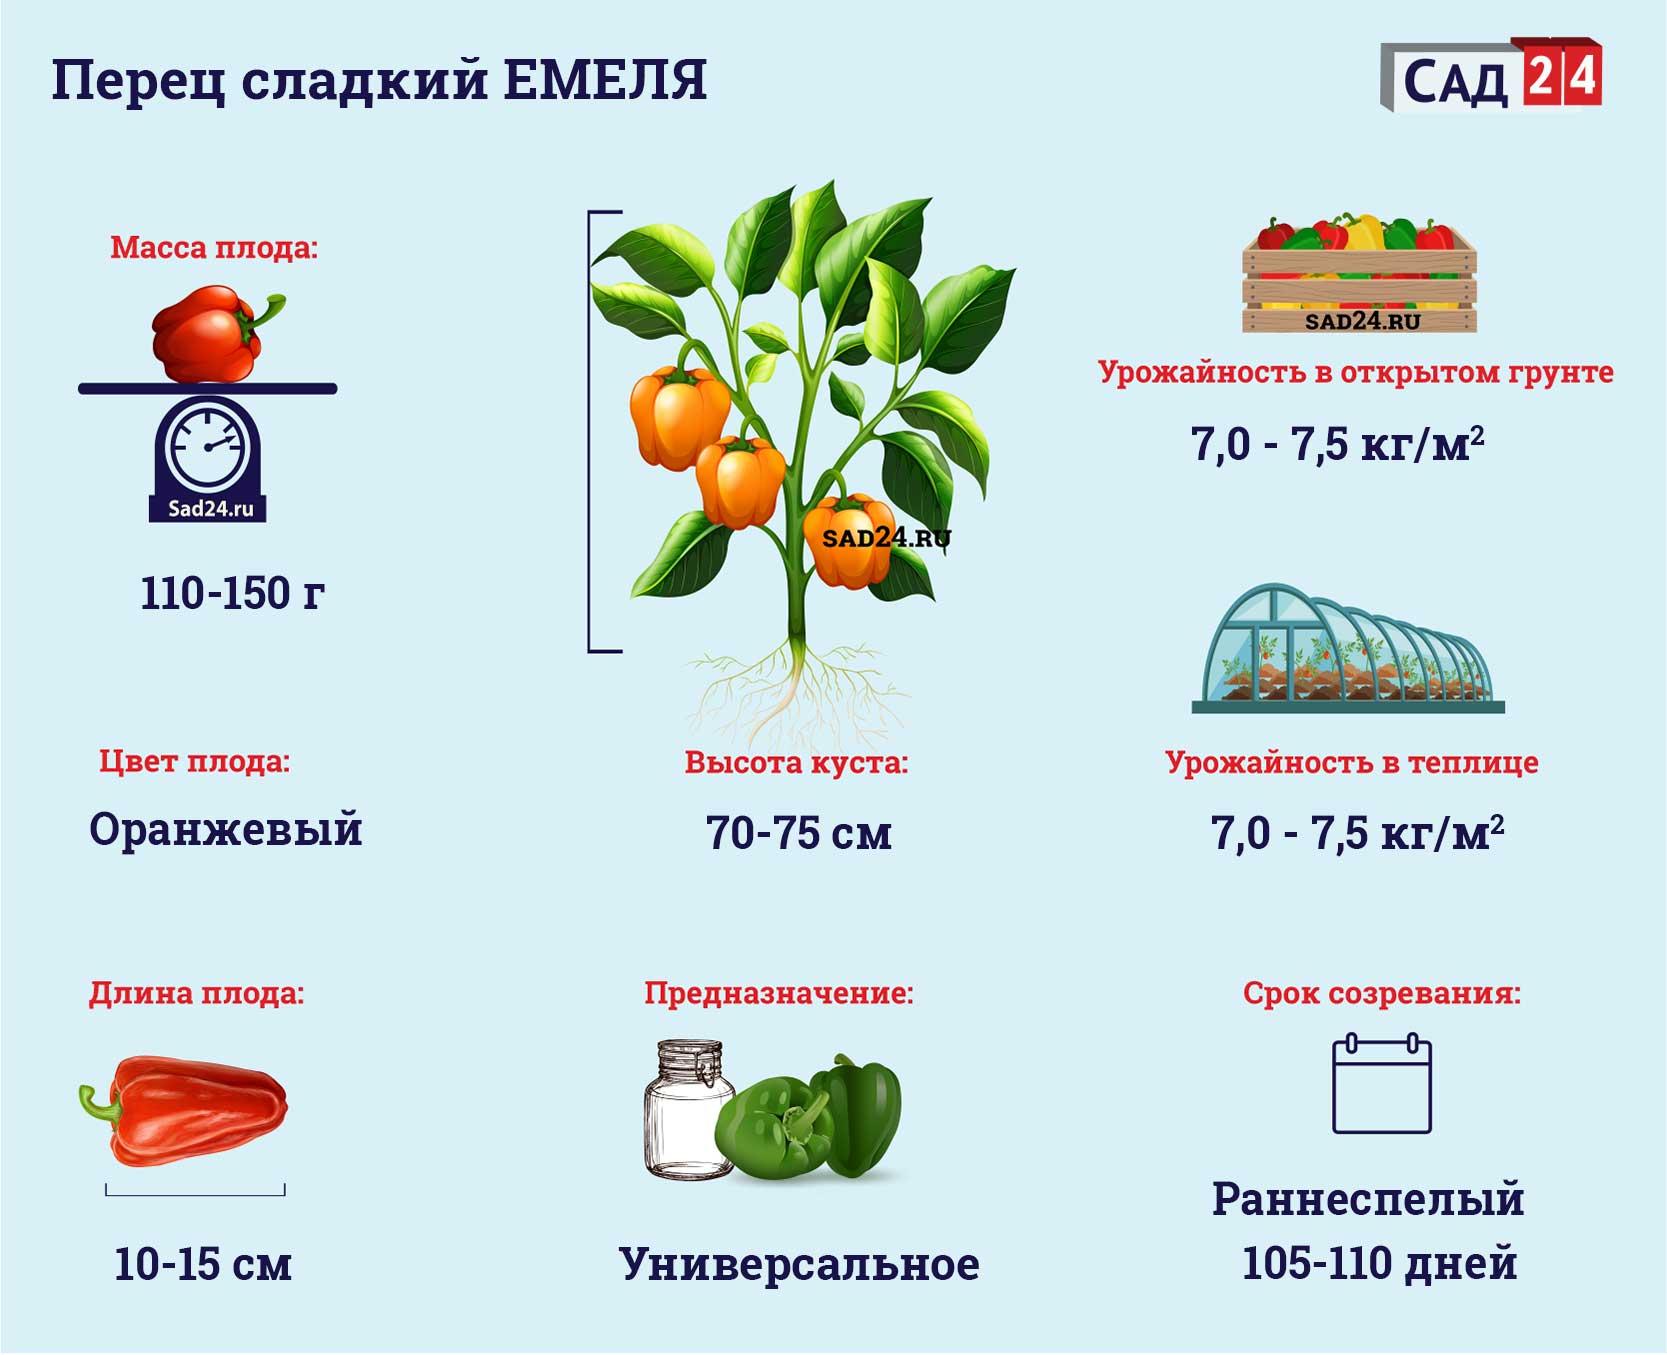 Емеля - https://sad24.ru